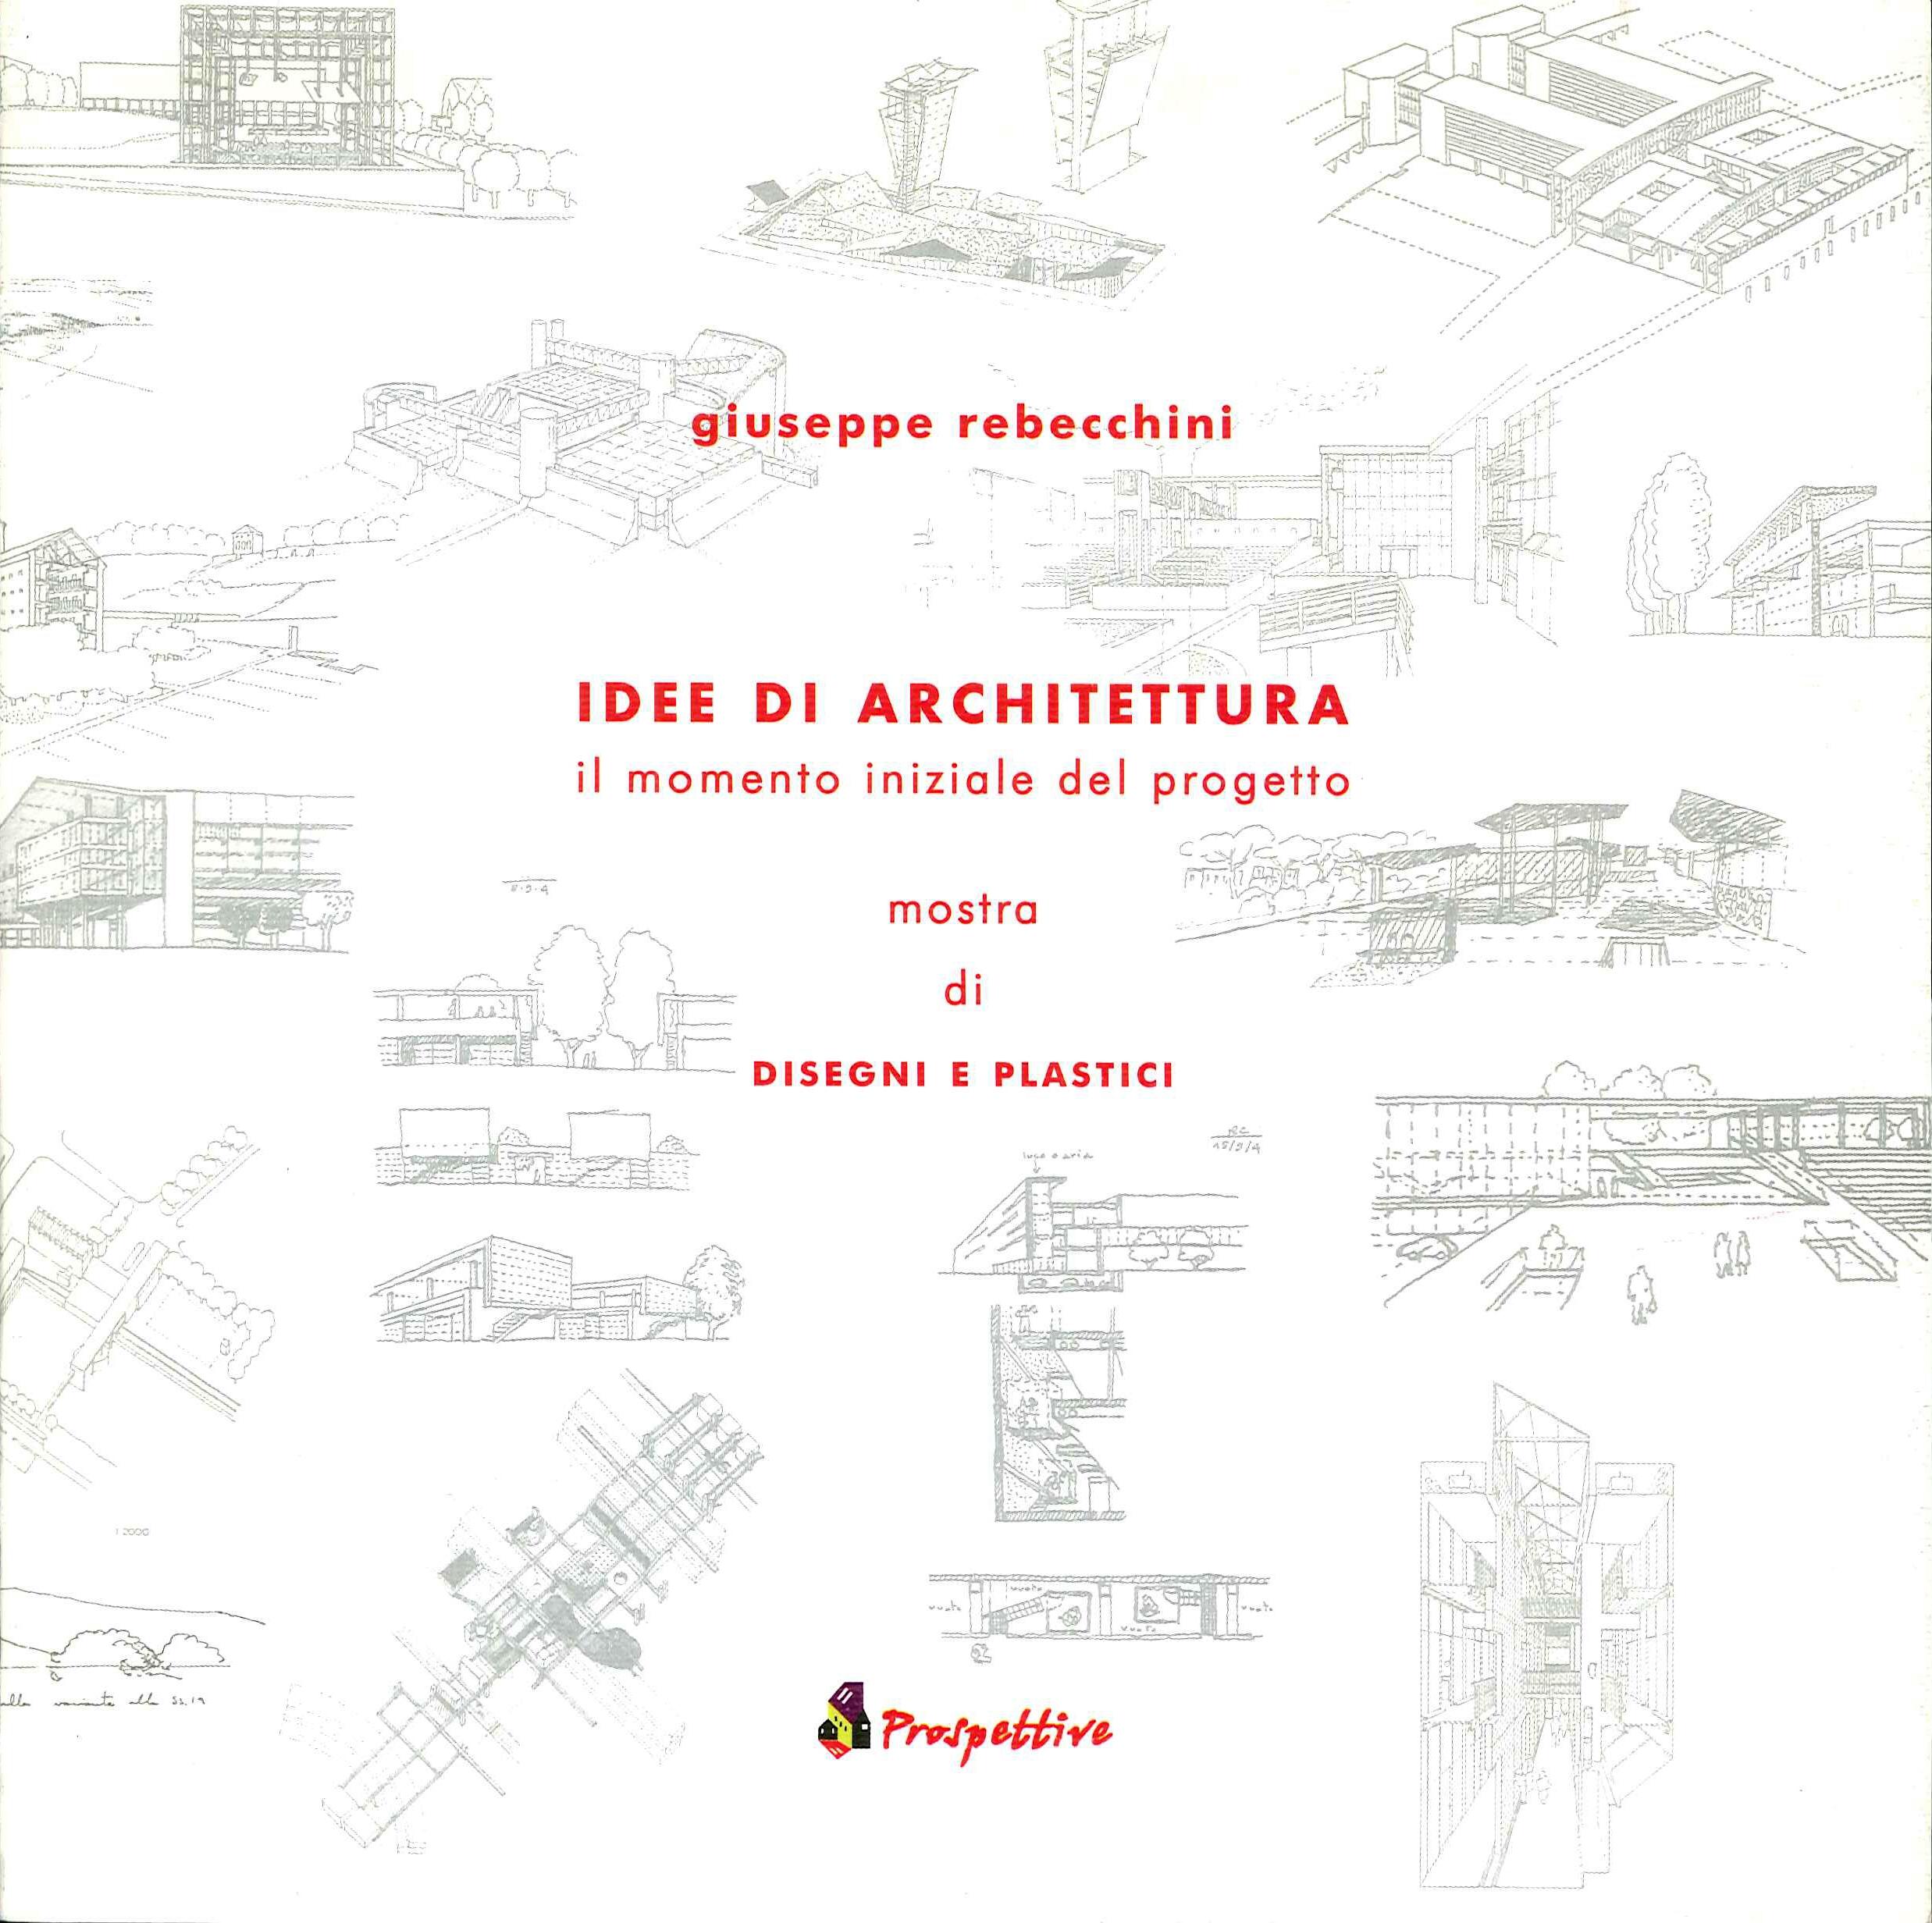 Idee di architettura. Il momento iniziale del progetto. Mostra di disegni plastici